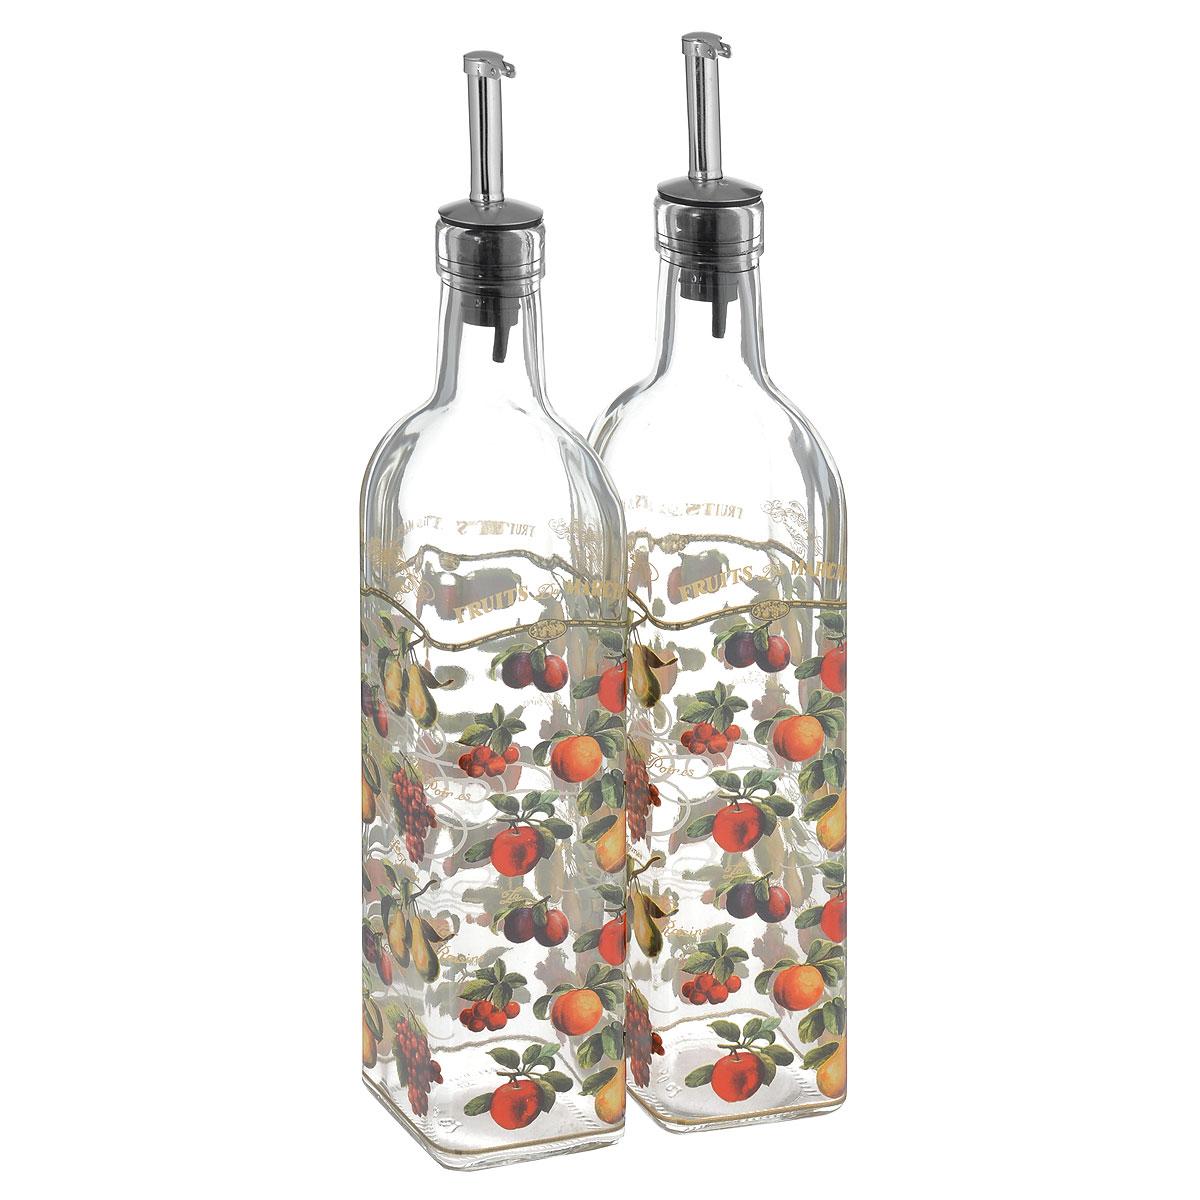 Набор емкостей для масла и уксуса Sinoglass Фрукты, 500 мл, 2 шт8041F60Набор Sinoglass состоит из двух емкостей для масла и уксуса. Изделия выполнены из высококачественного стекла и оформлены красочным изображением ягод и фруктов. Емкости оснащены специальными металлическими дозаторами, которые позволят добавить точное количество масла или уксуса. Благодаря прозрачным стенкам, можно видеть содержимое емкостей. Такой набор стильно дополнит интерьер кухни и станет незаменимым помощником в приготовлении ваших любимых блюд. Высота емкостей: 31 см. Размер основания: 5,5 см х 5,5 см.